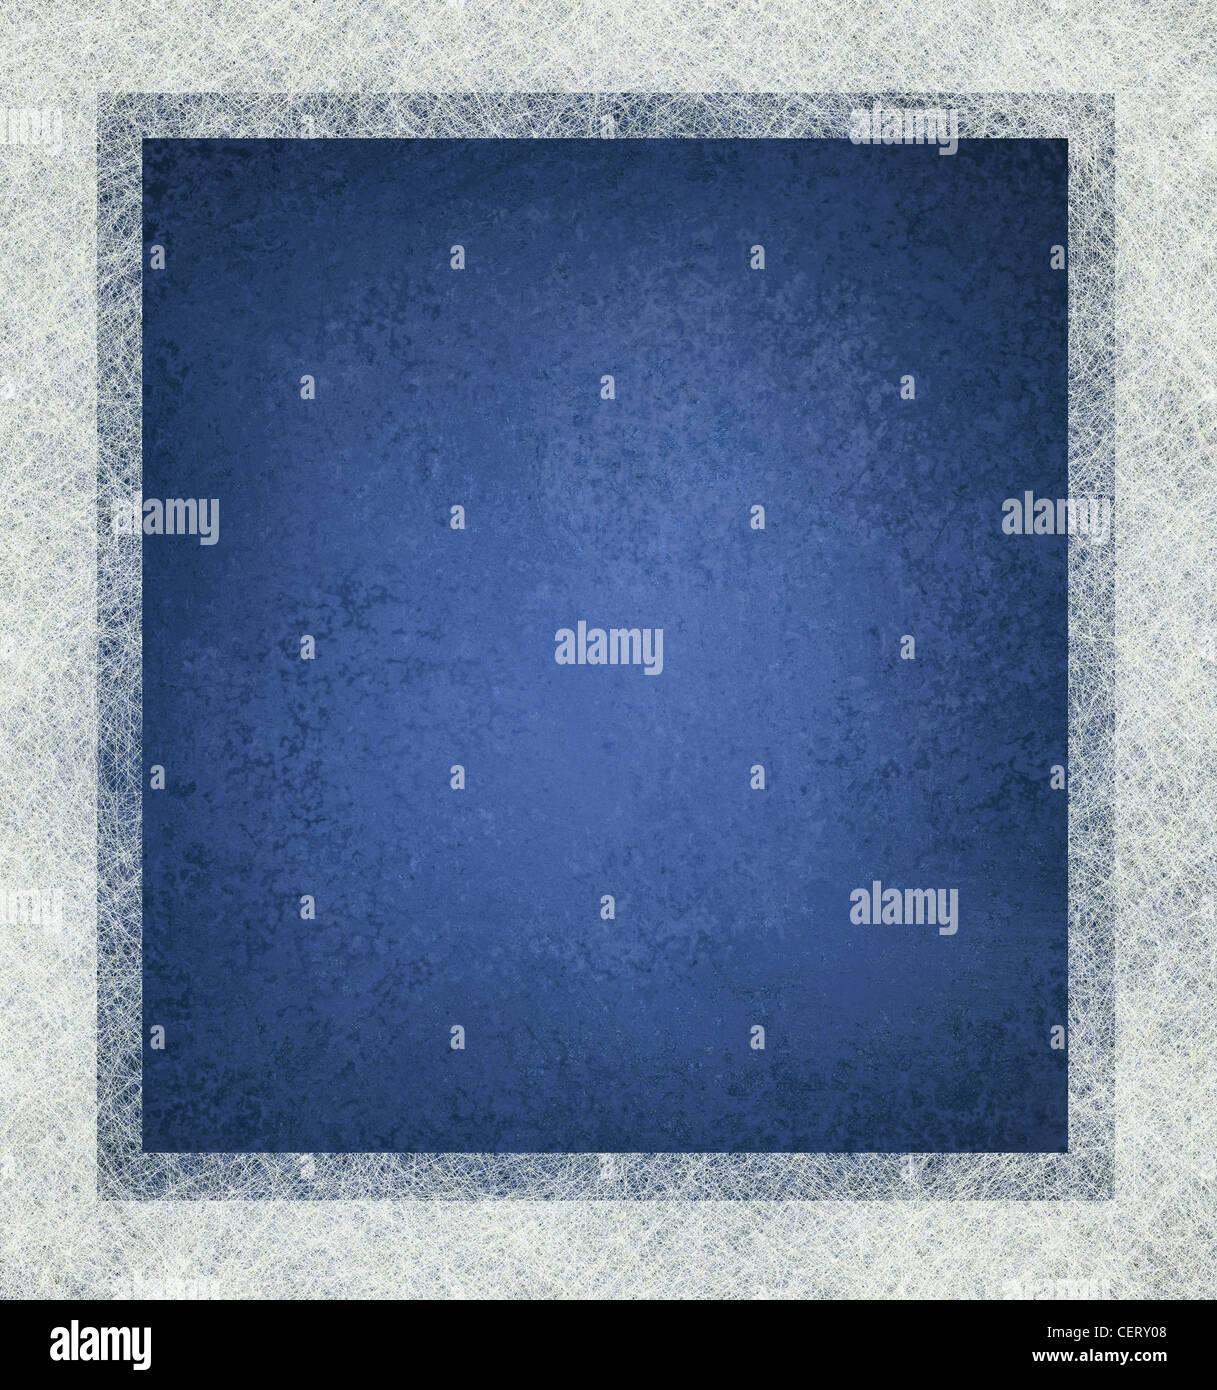 Fondo azul con marco blanco y mucha textura, diseño azul y blanco Imagen De Stock